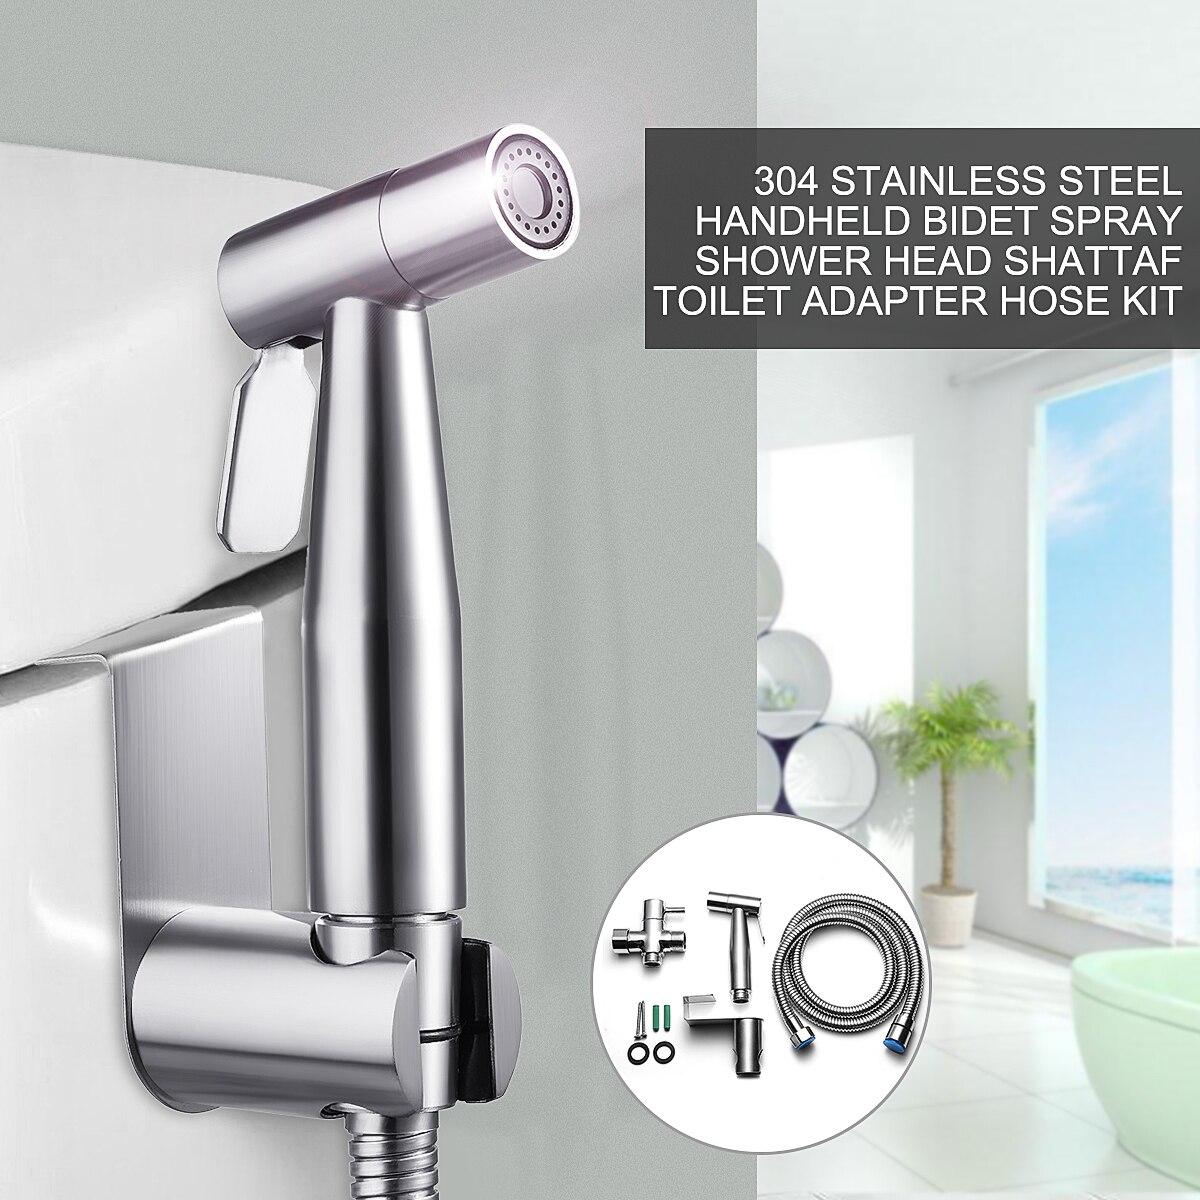 G1/2 304 Stainless Steel Handheld Bidet SprayToilet Nozzle Sprayer Shower Set 2Modes Douche Kit Bidet Faucet 2Type Adaptor